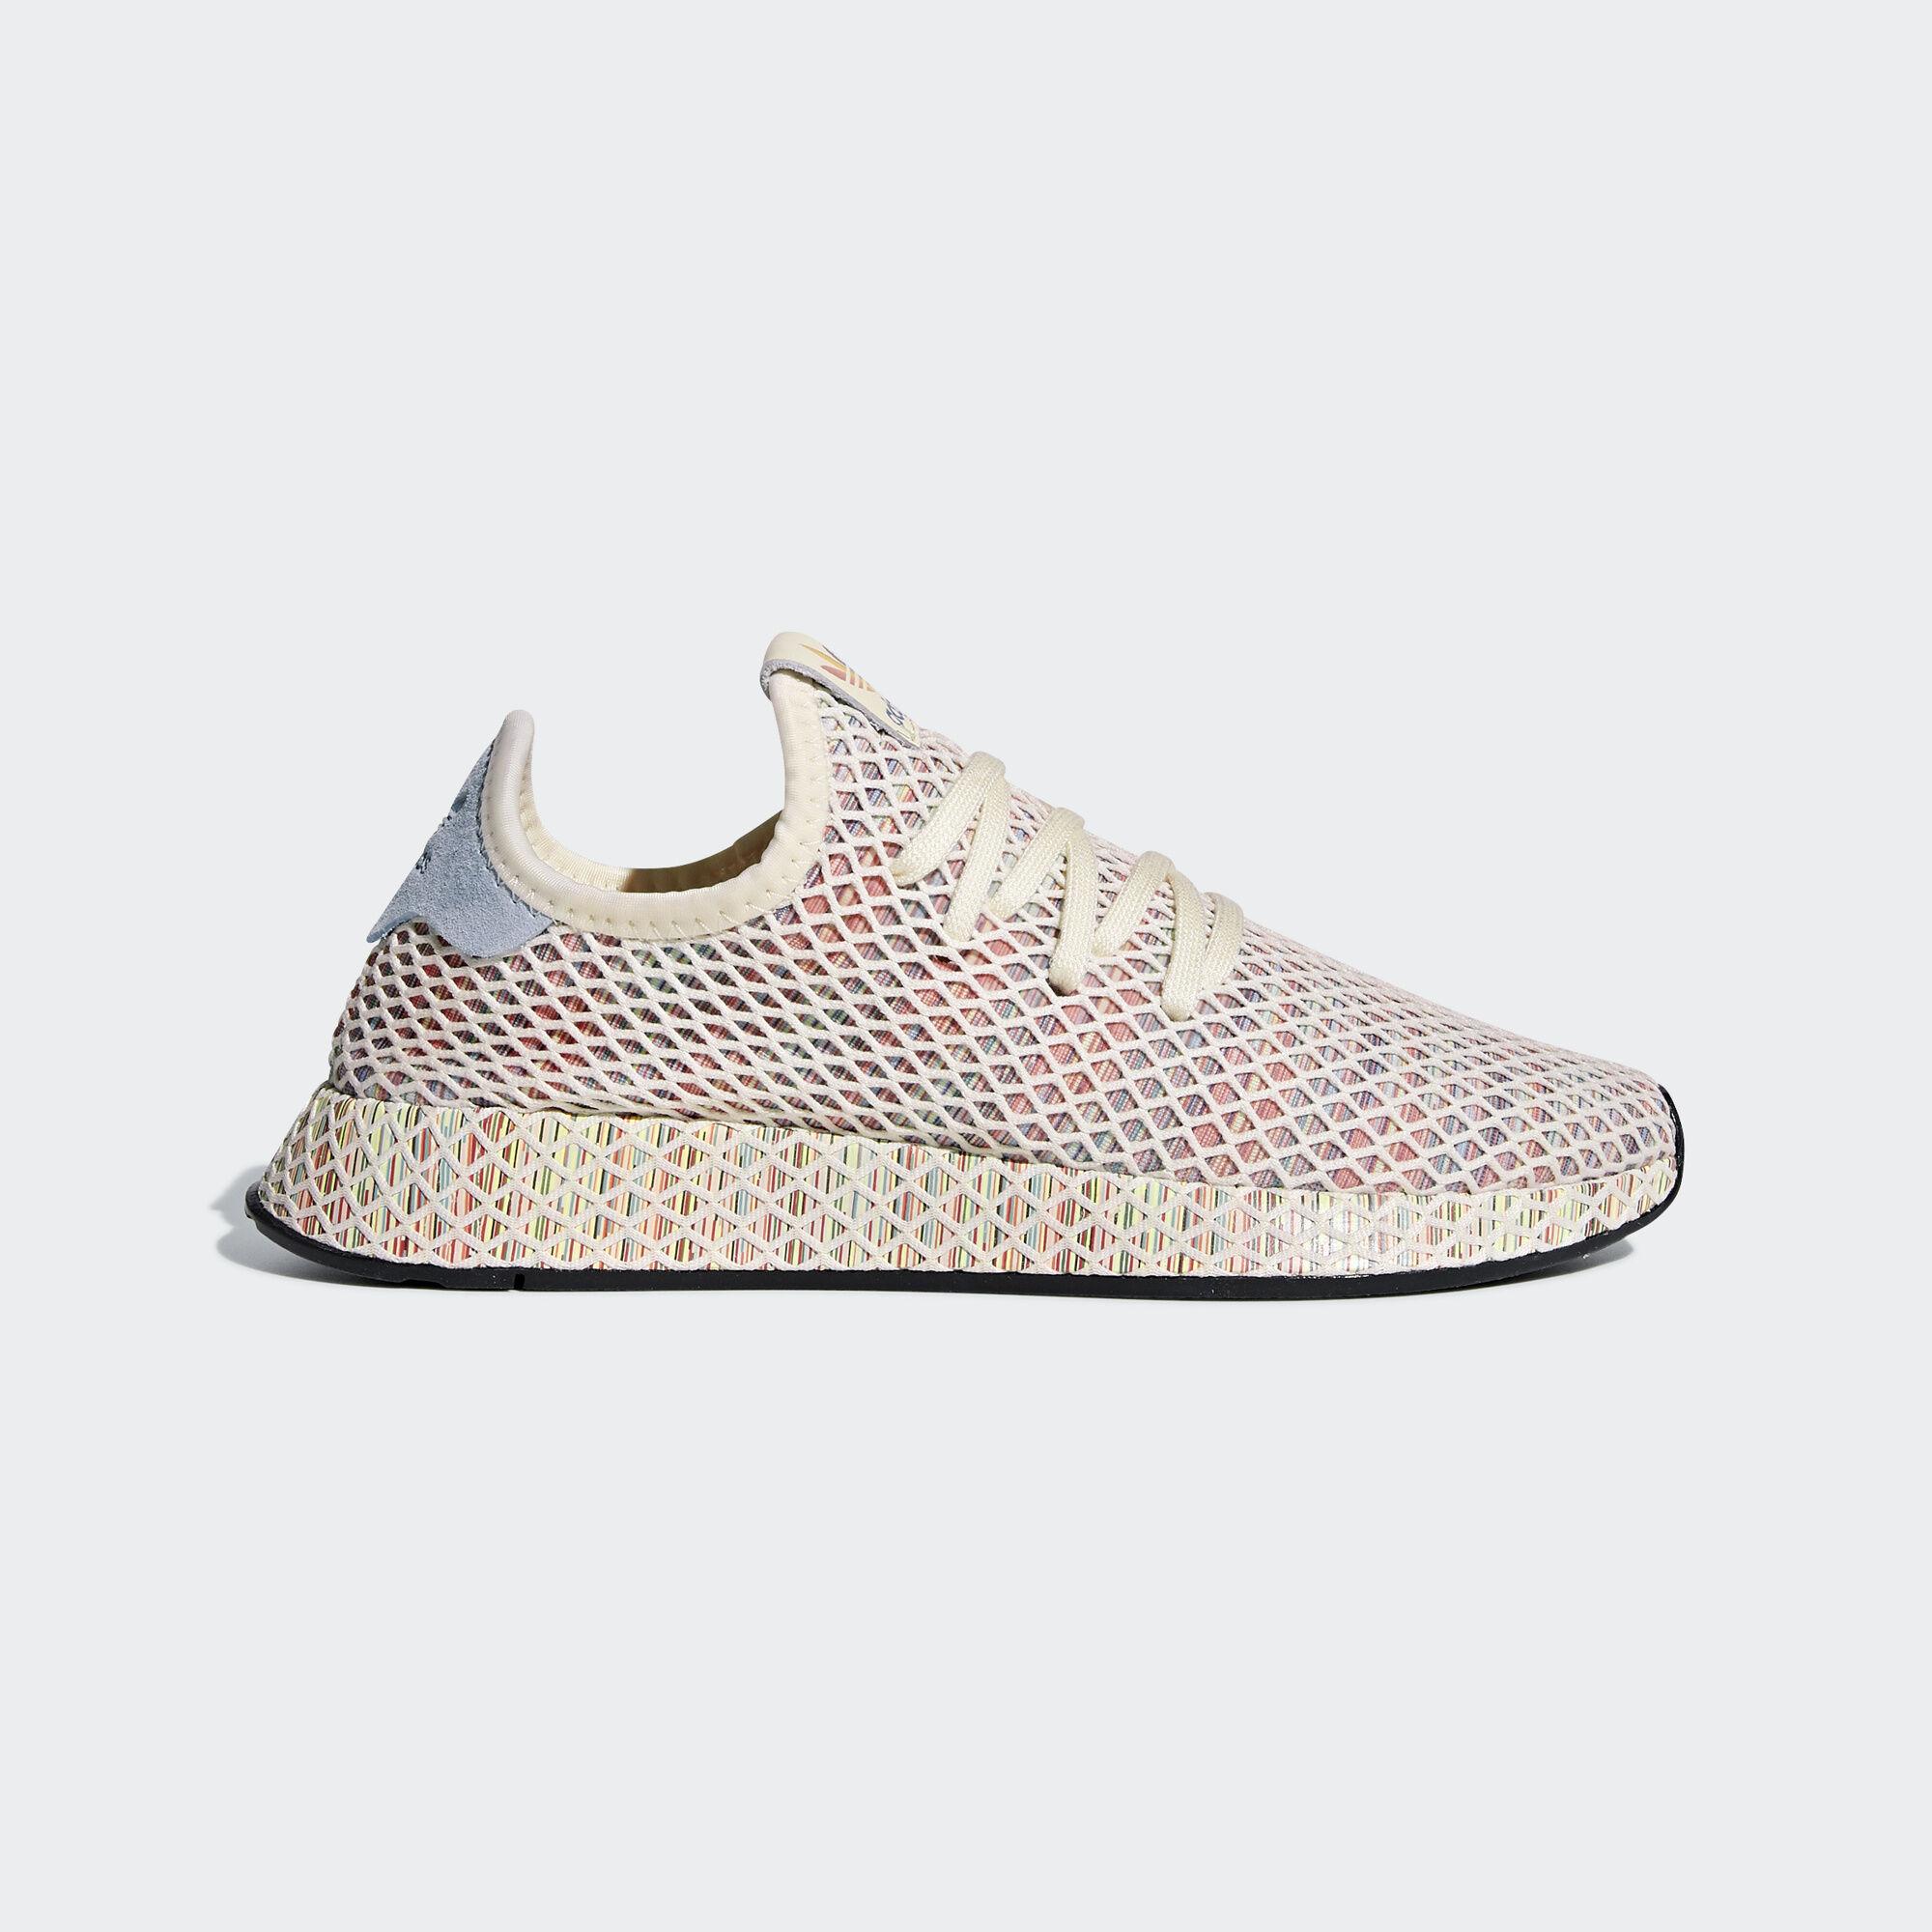 Adidas Adidas zapatos multicolor deerupt orgullo regional